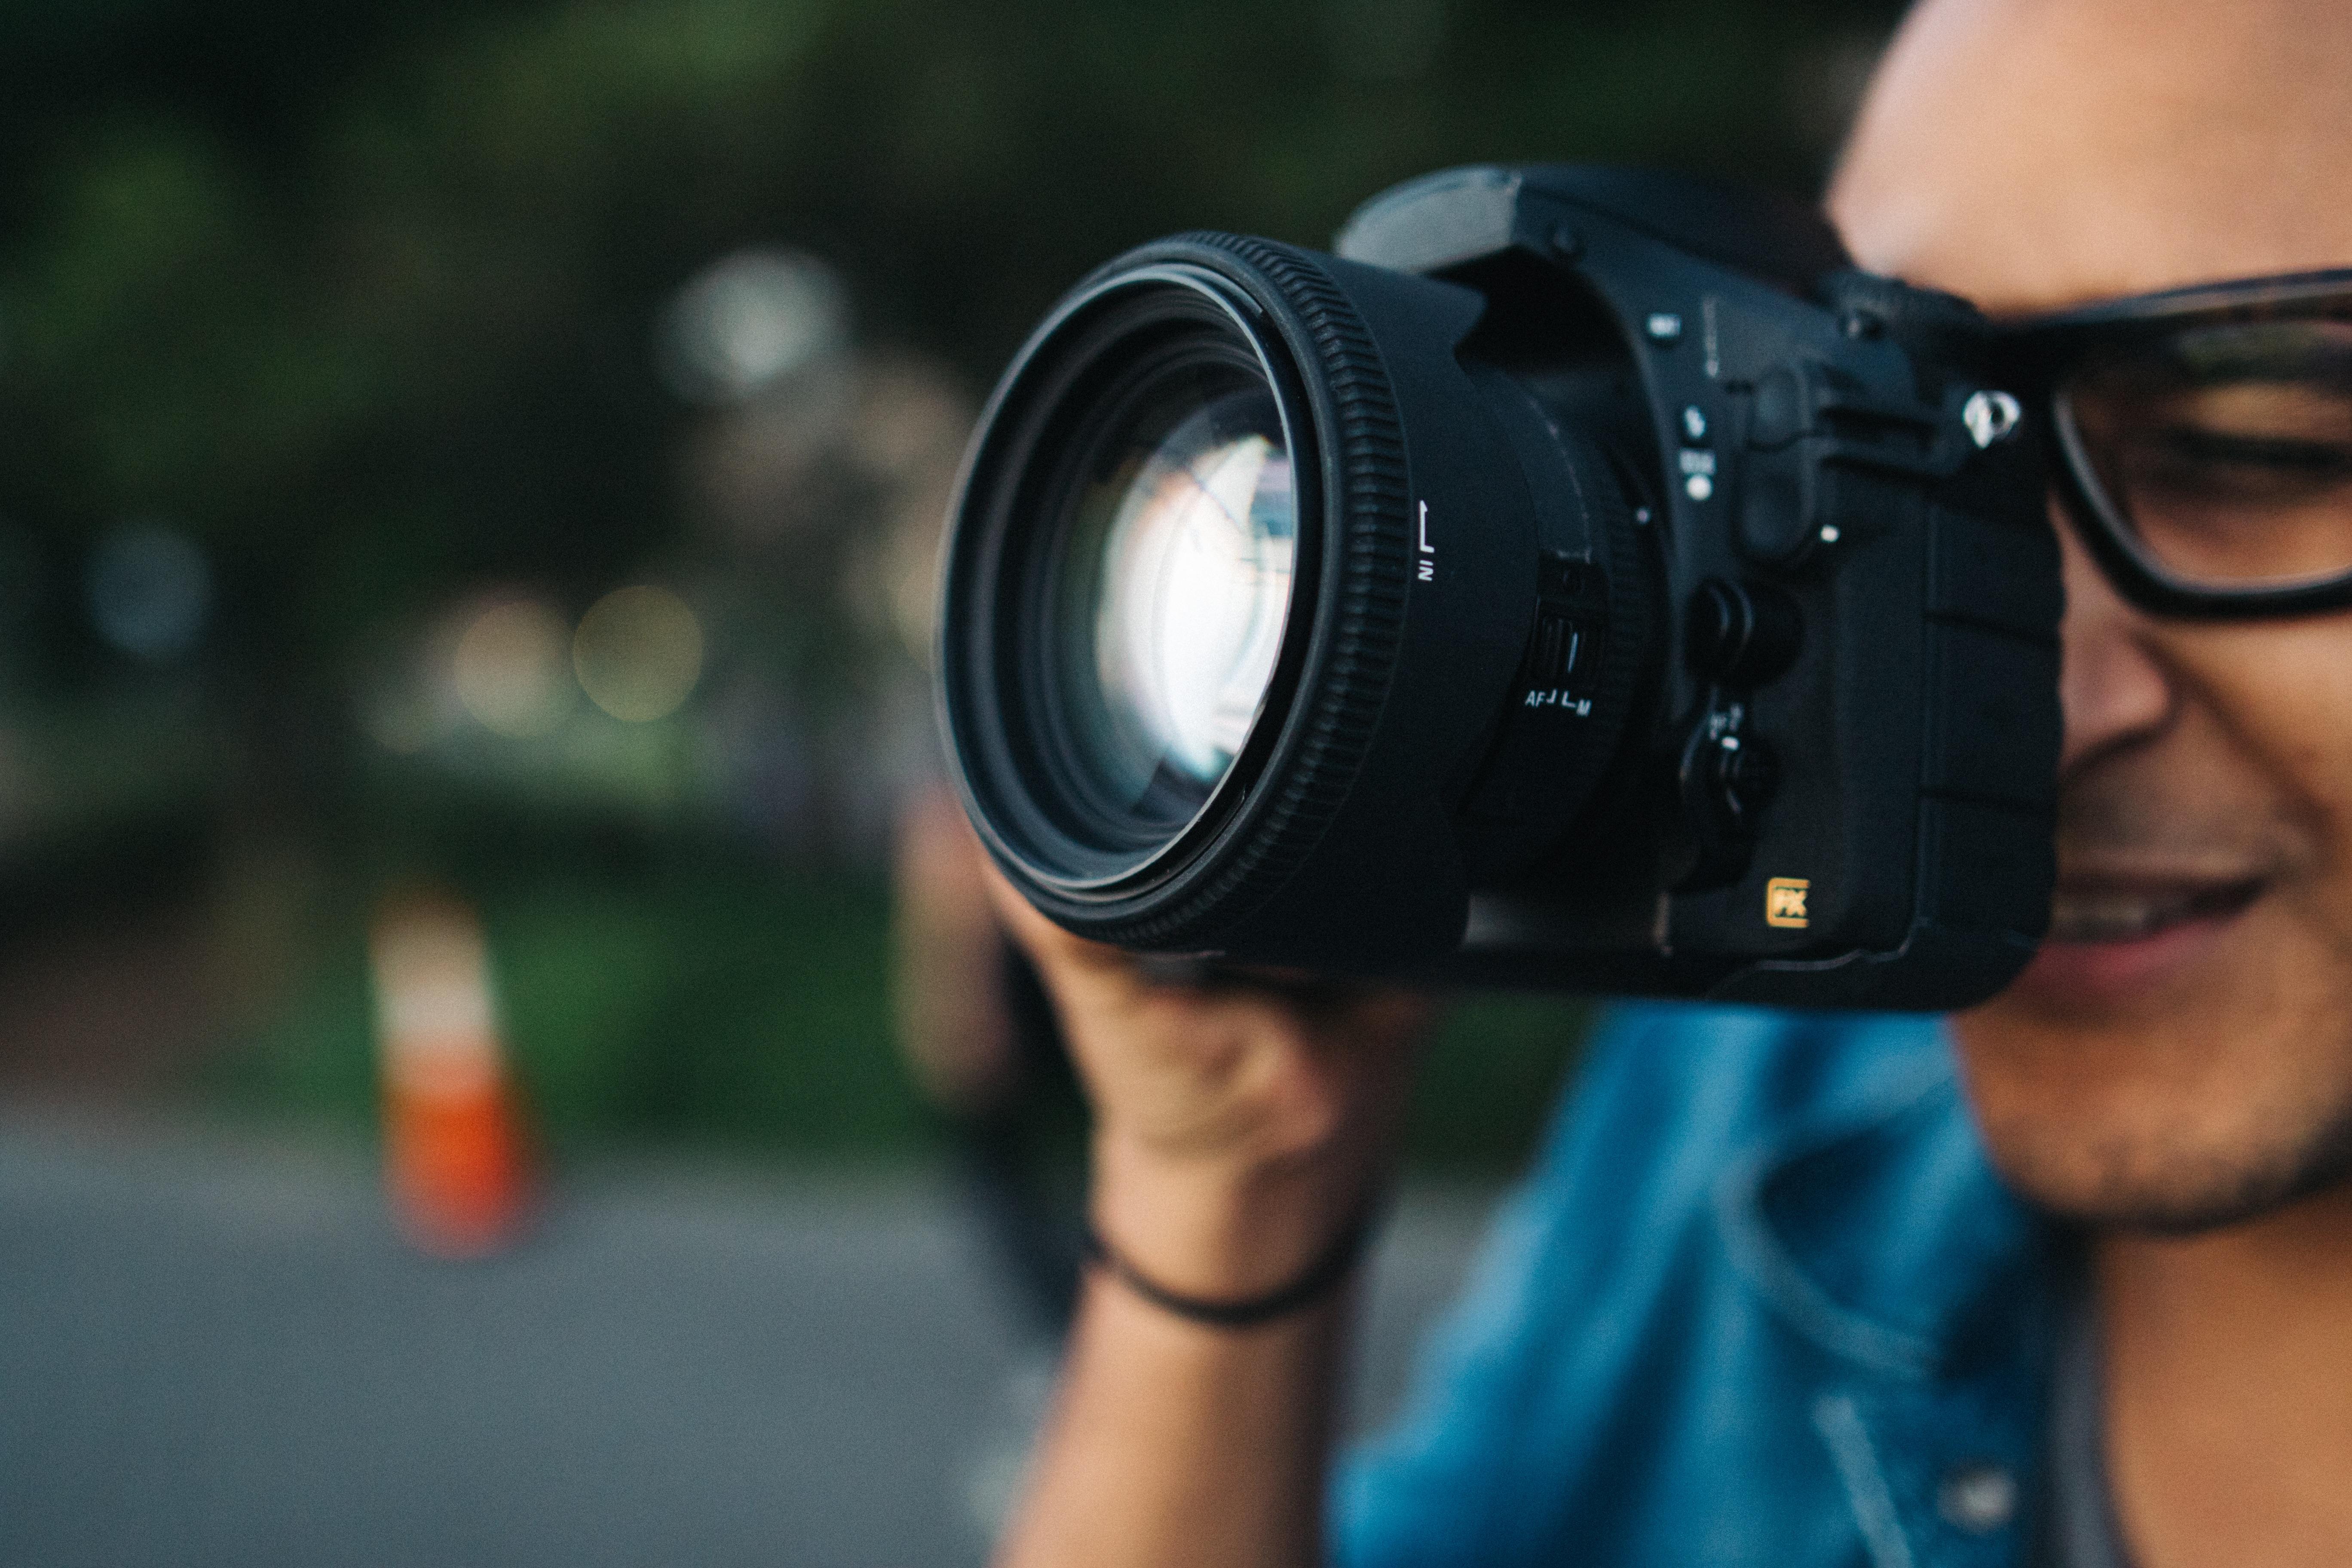 основу как фотографировать на цифровую камеру без бликов преобразилась